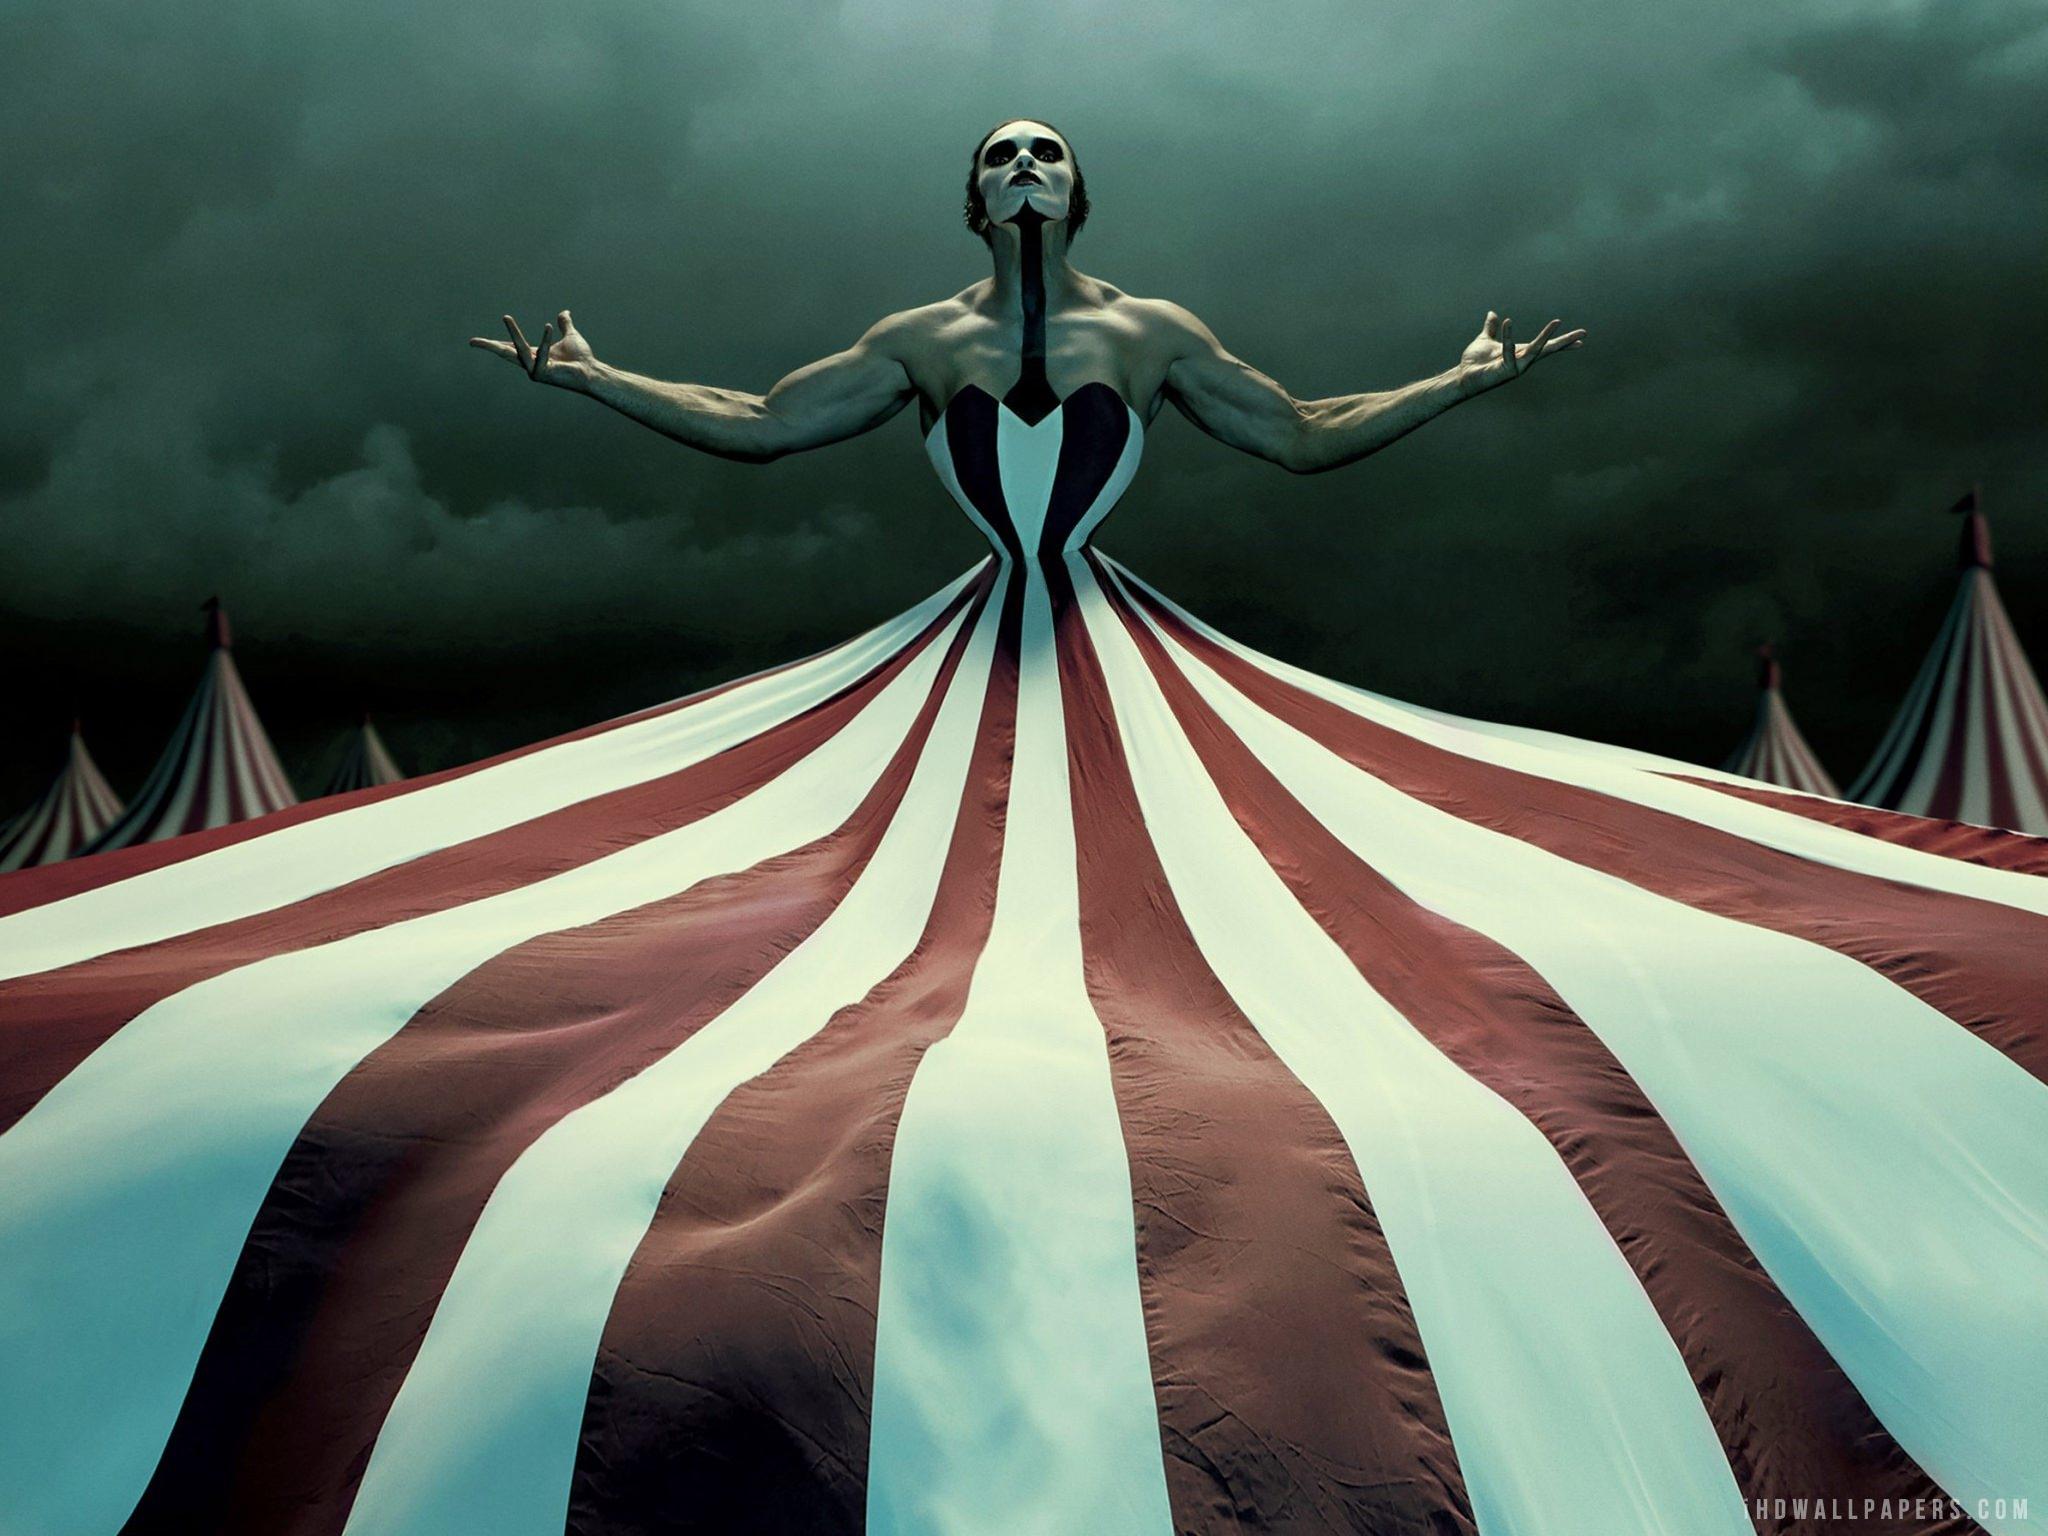 Freakshow american horror story full hd 2k wallpaper - Ahs wallpaper ...